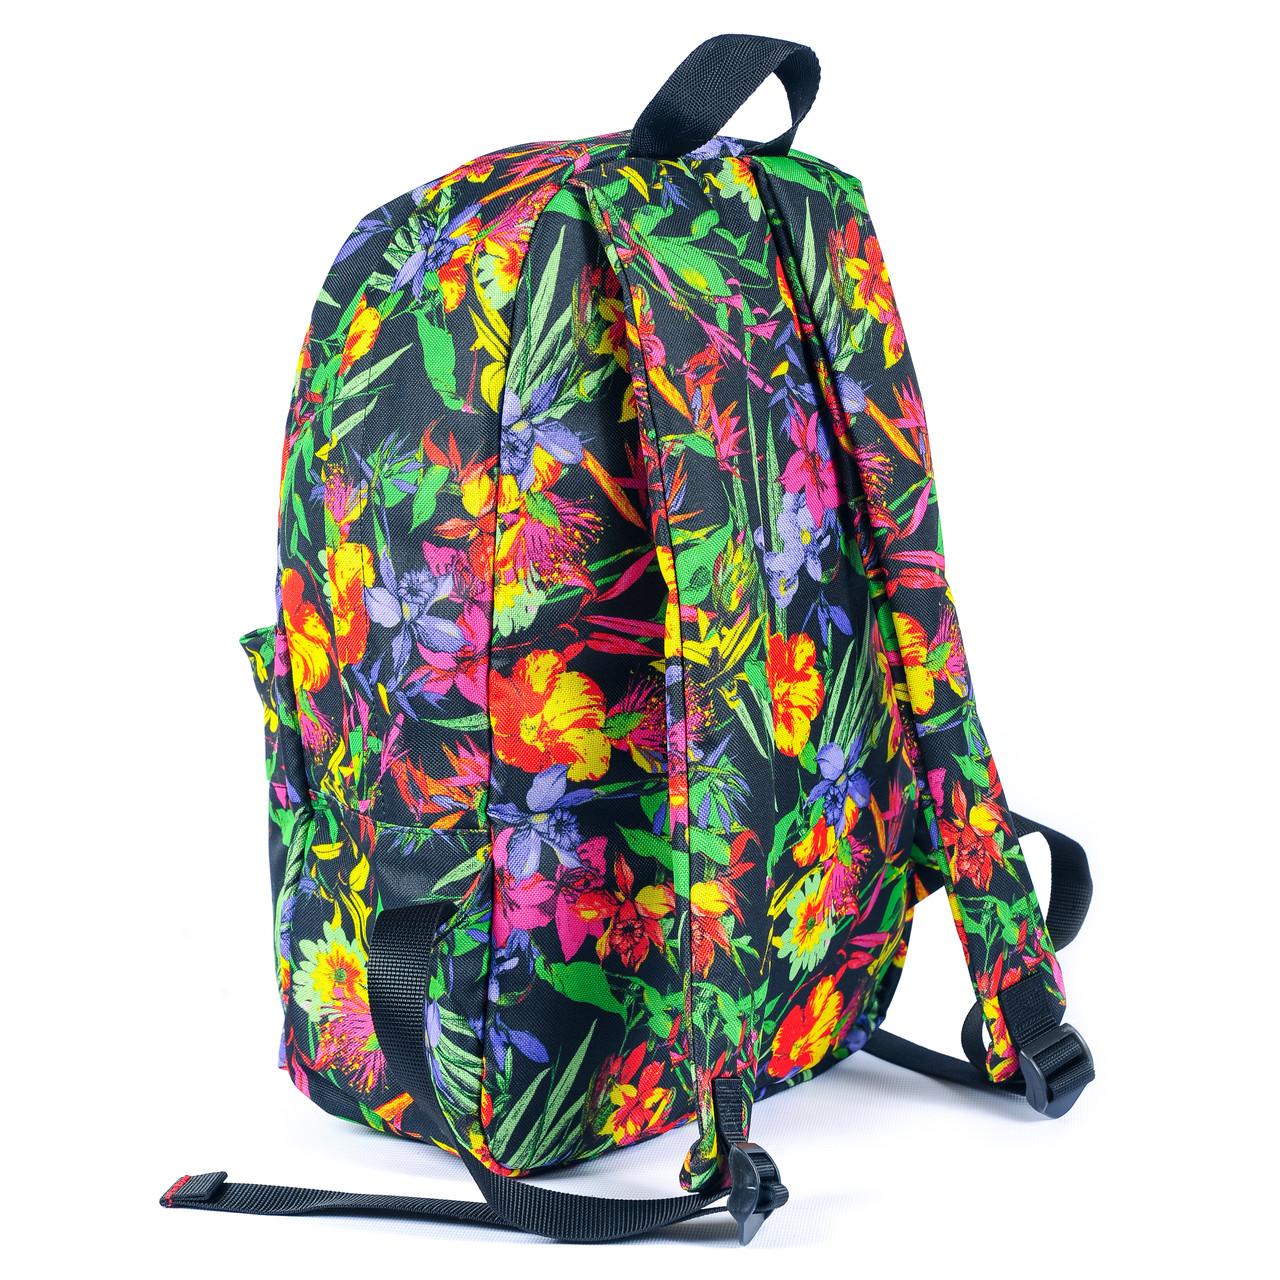 Рюкзак Mayers молодежный с цветочным принтом, 14 л, фото 5